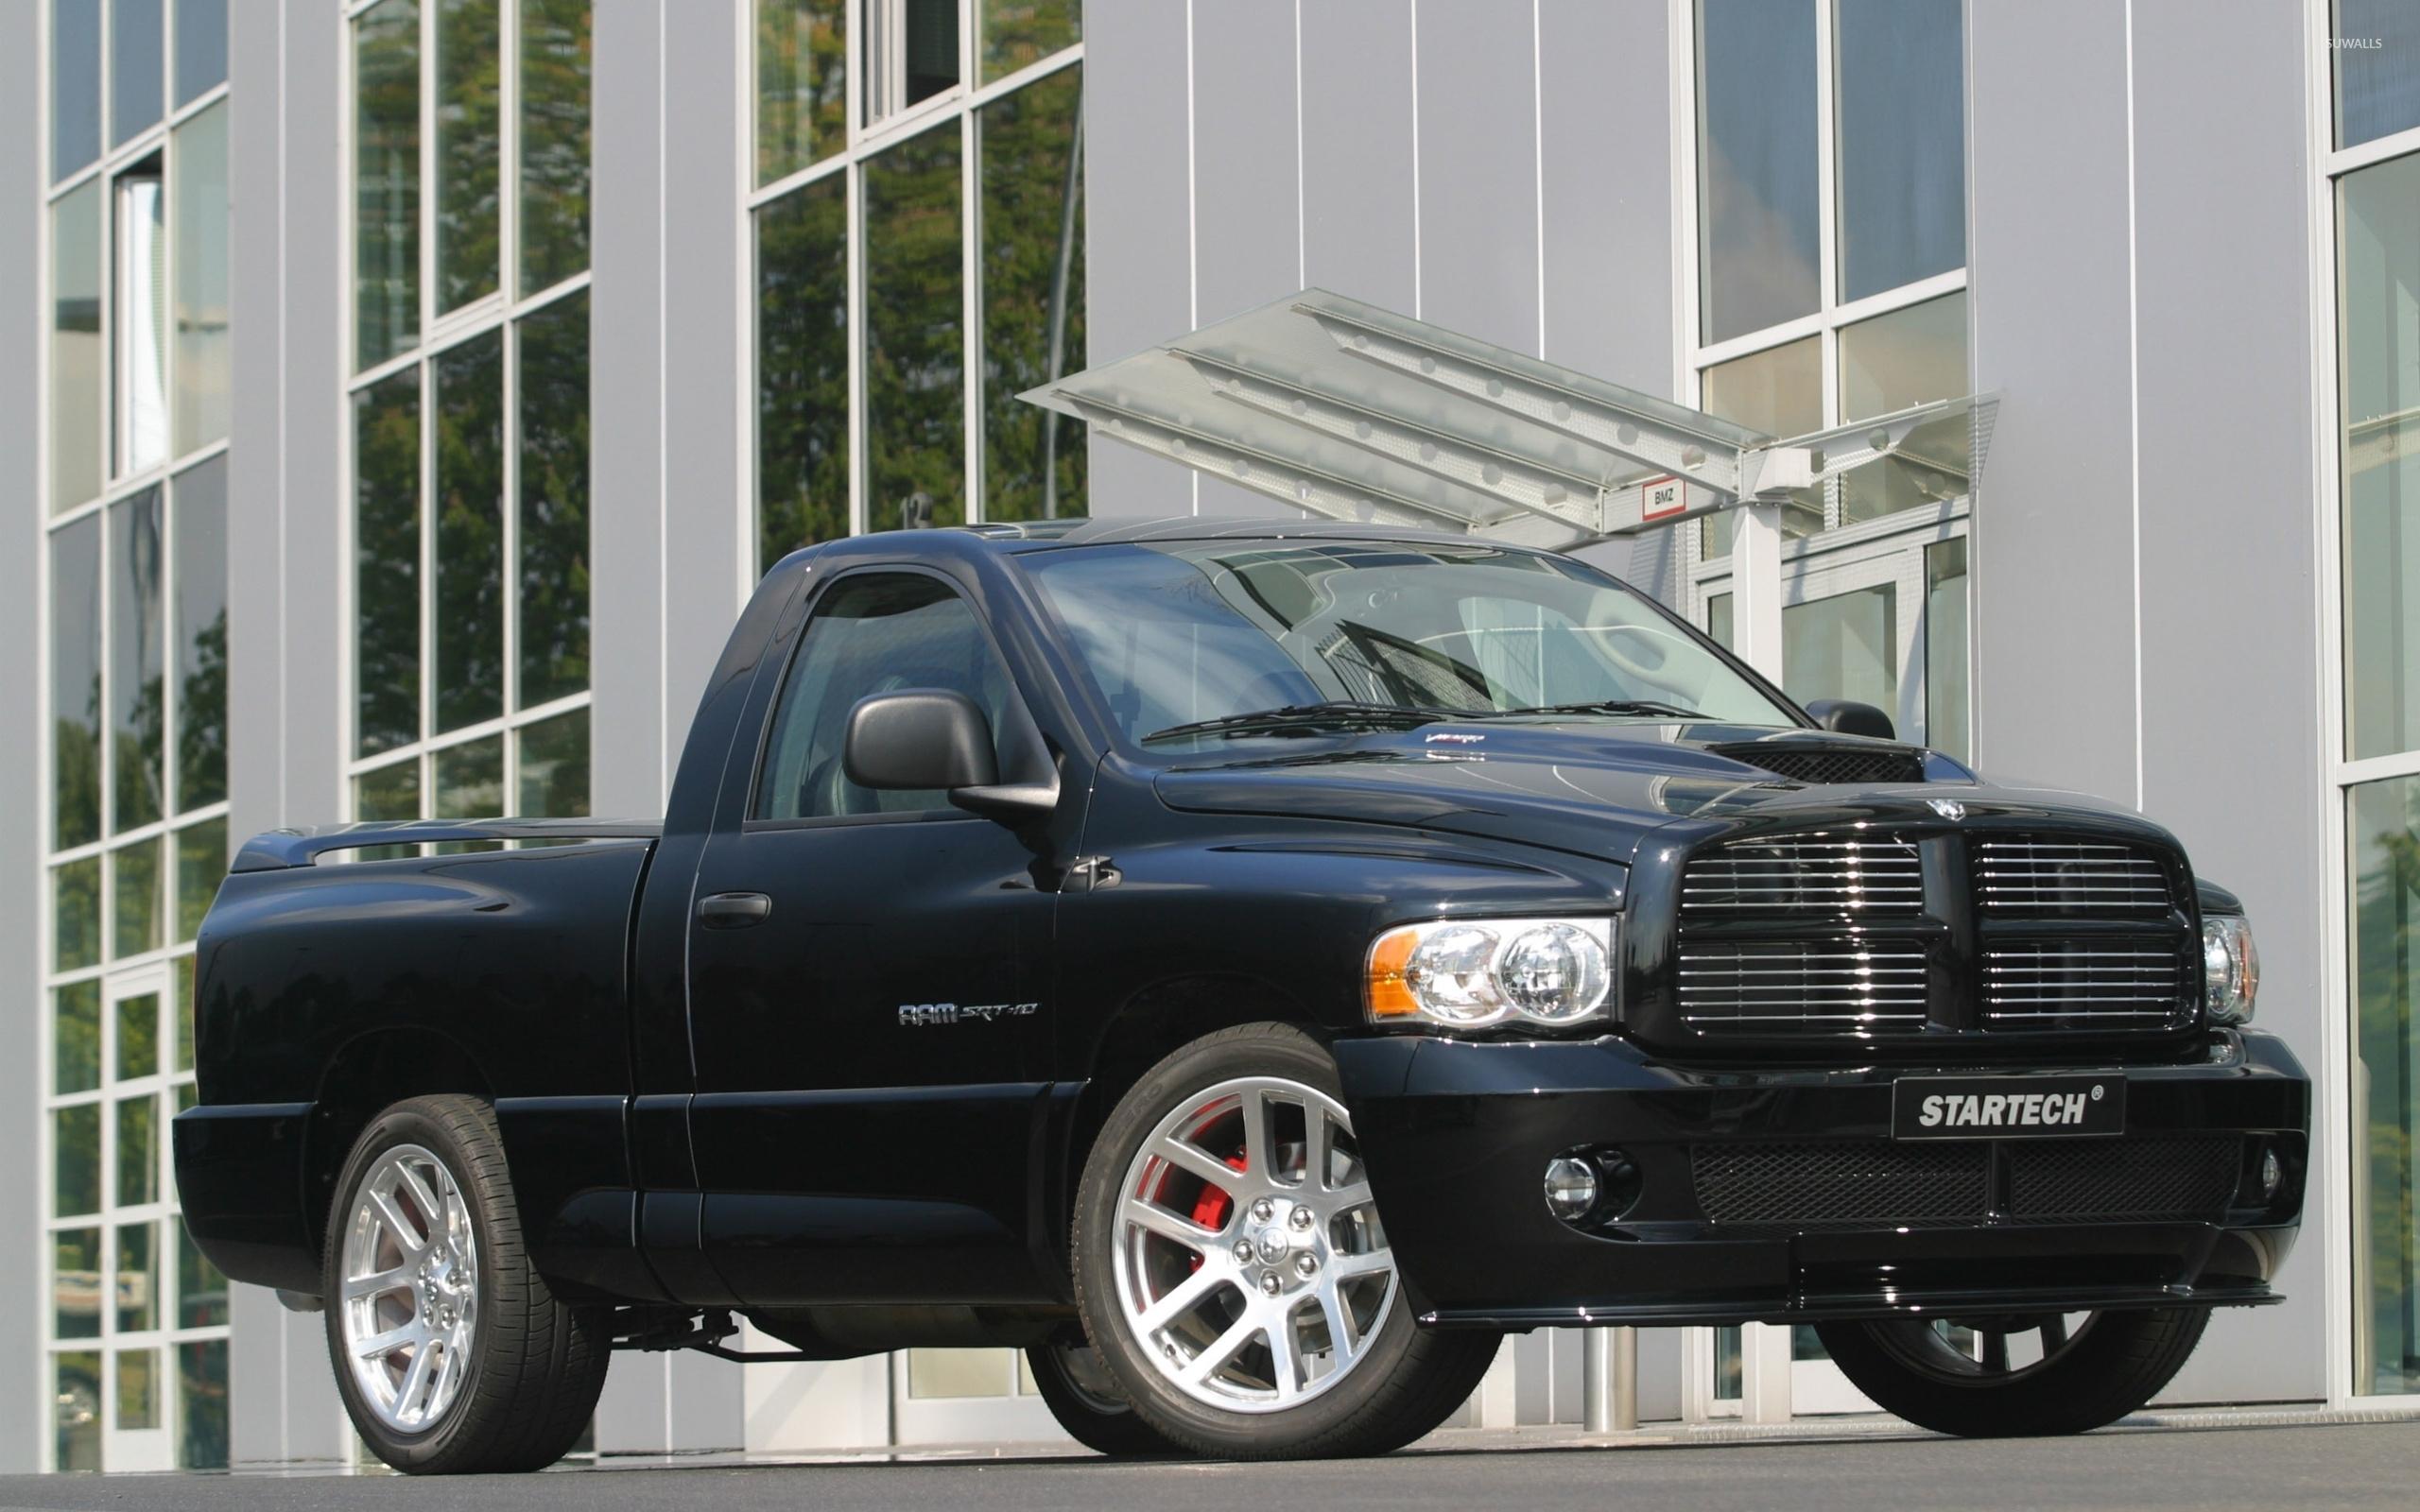 Black Staretech Dodge Ram Srt 10 Wallpaper Car Wallpapers 49002